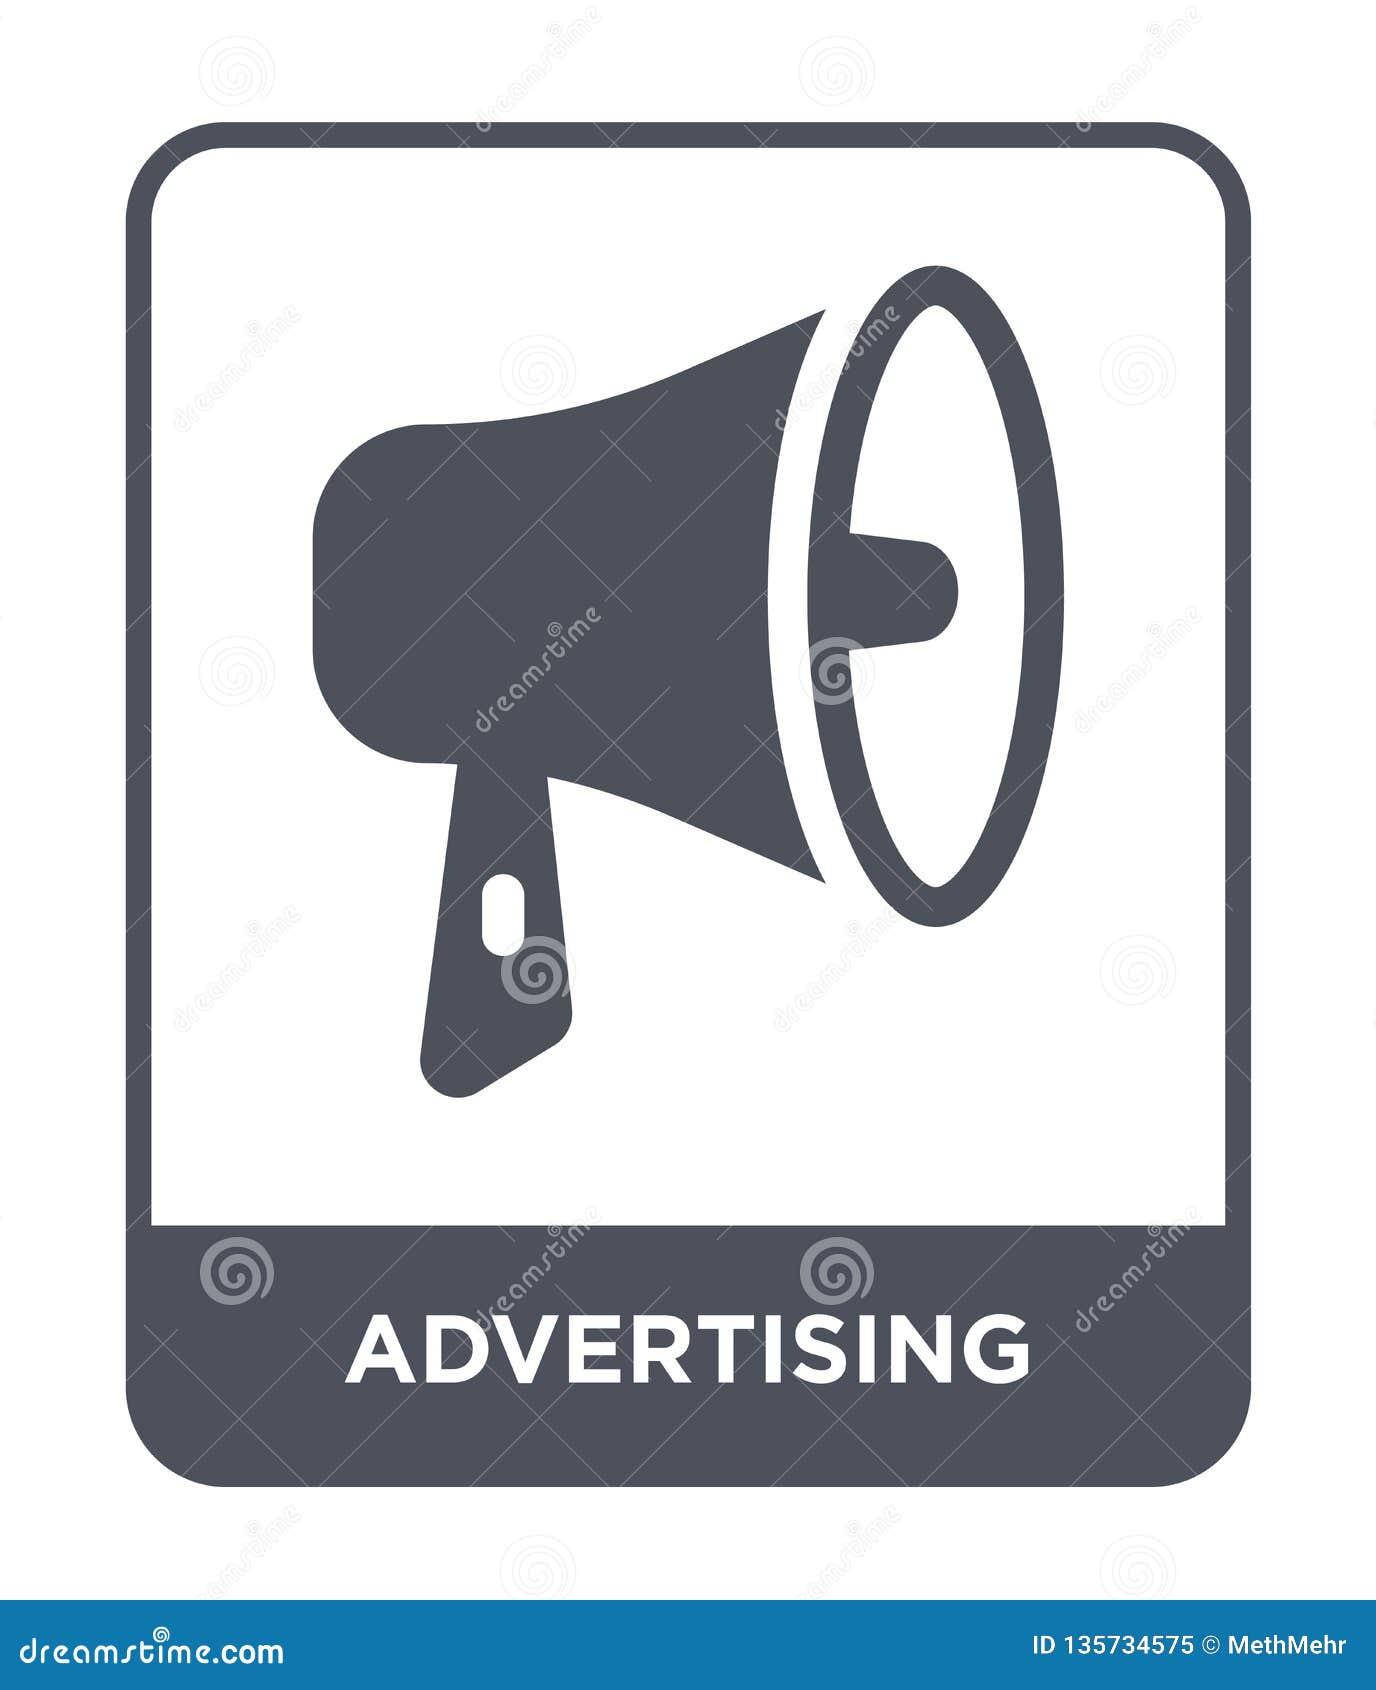 εικονίδιο διαφήμισης στο καθιερώνον τη μόδα ύφος σχεδίου Εικονίδιο διαφήμισης που απομονώνεται στο άσπρο υπόβαθρο διαφημιστικός τ